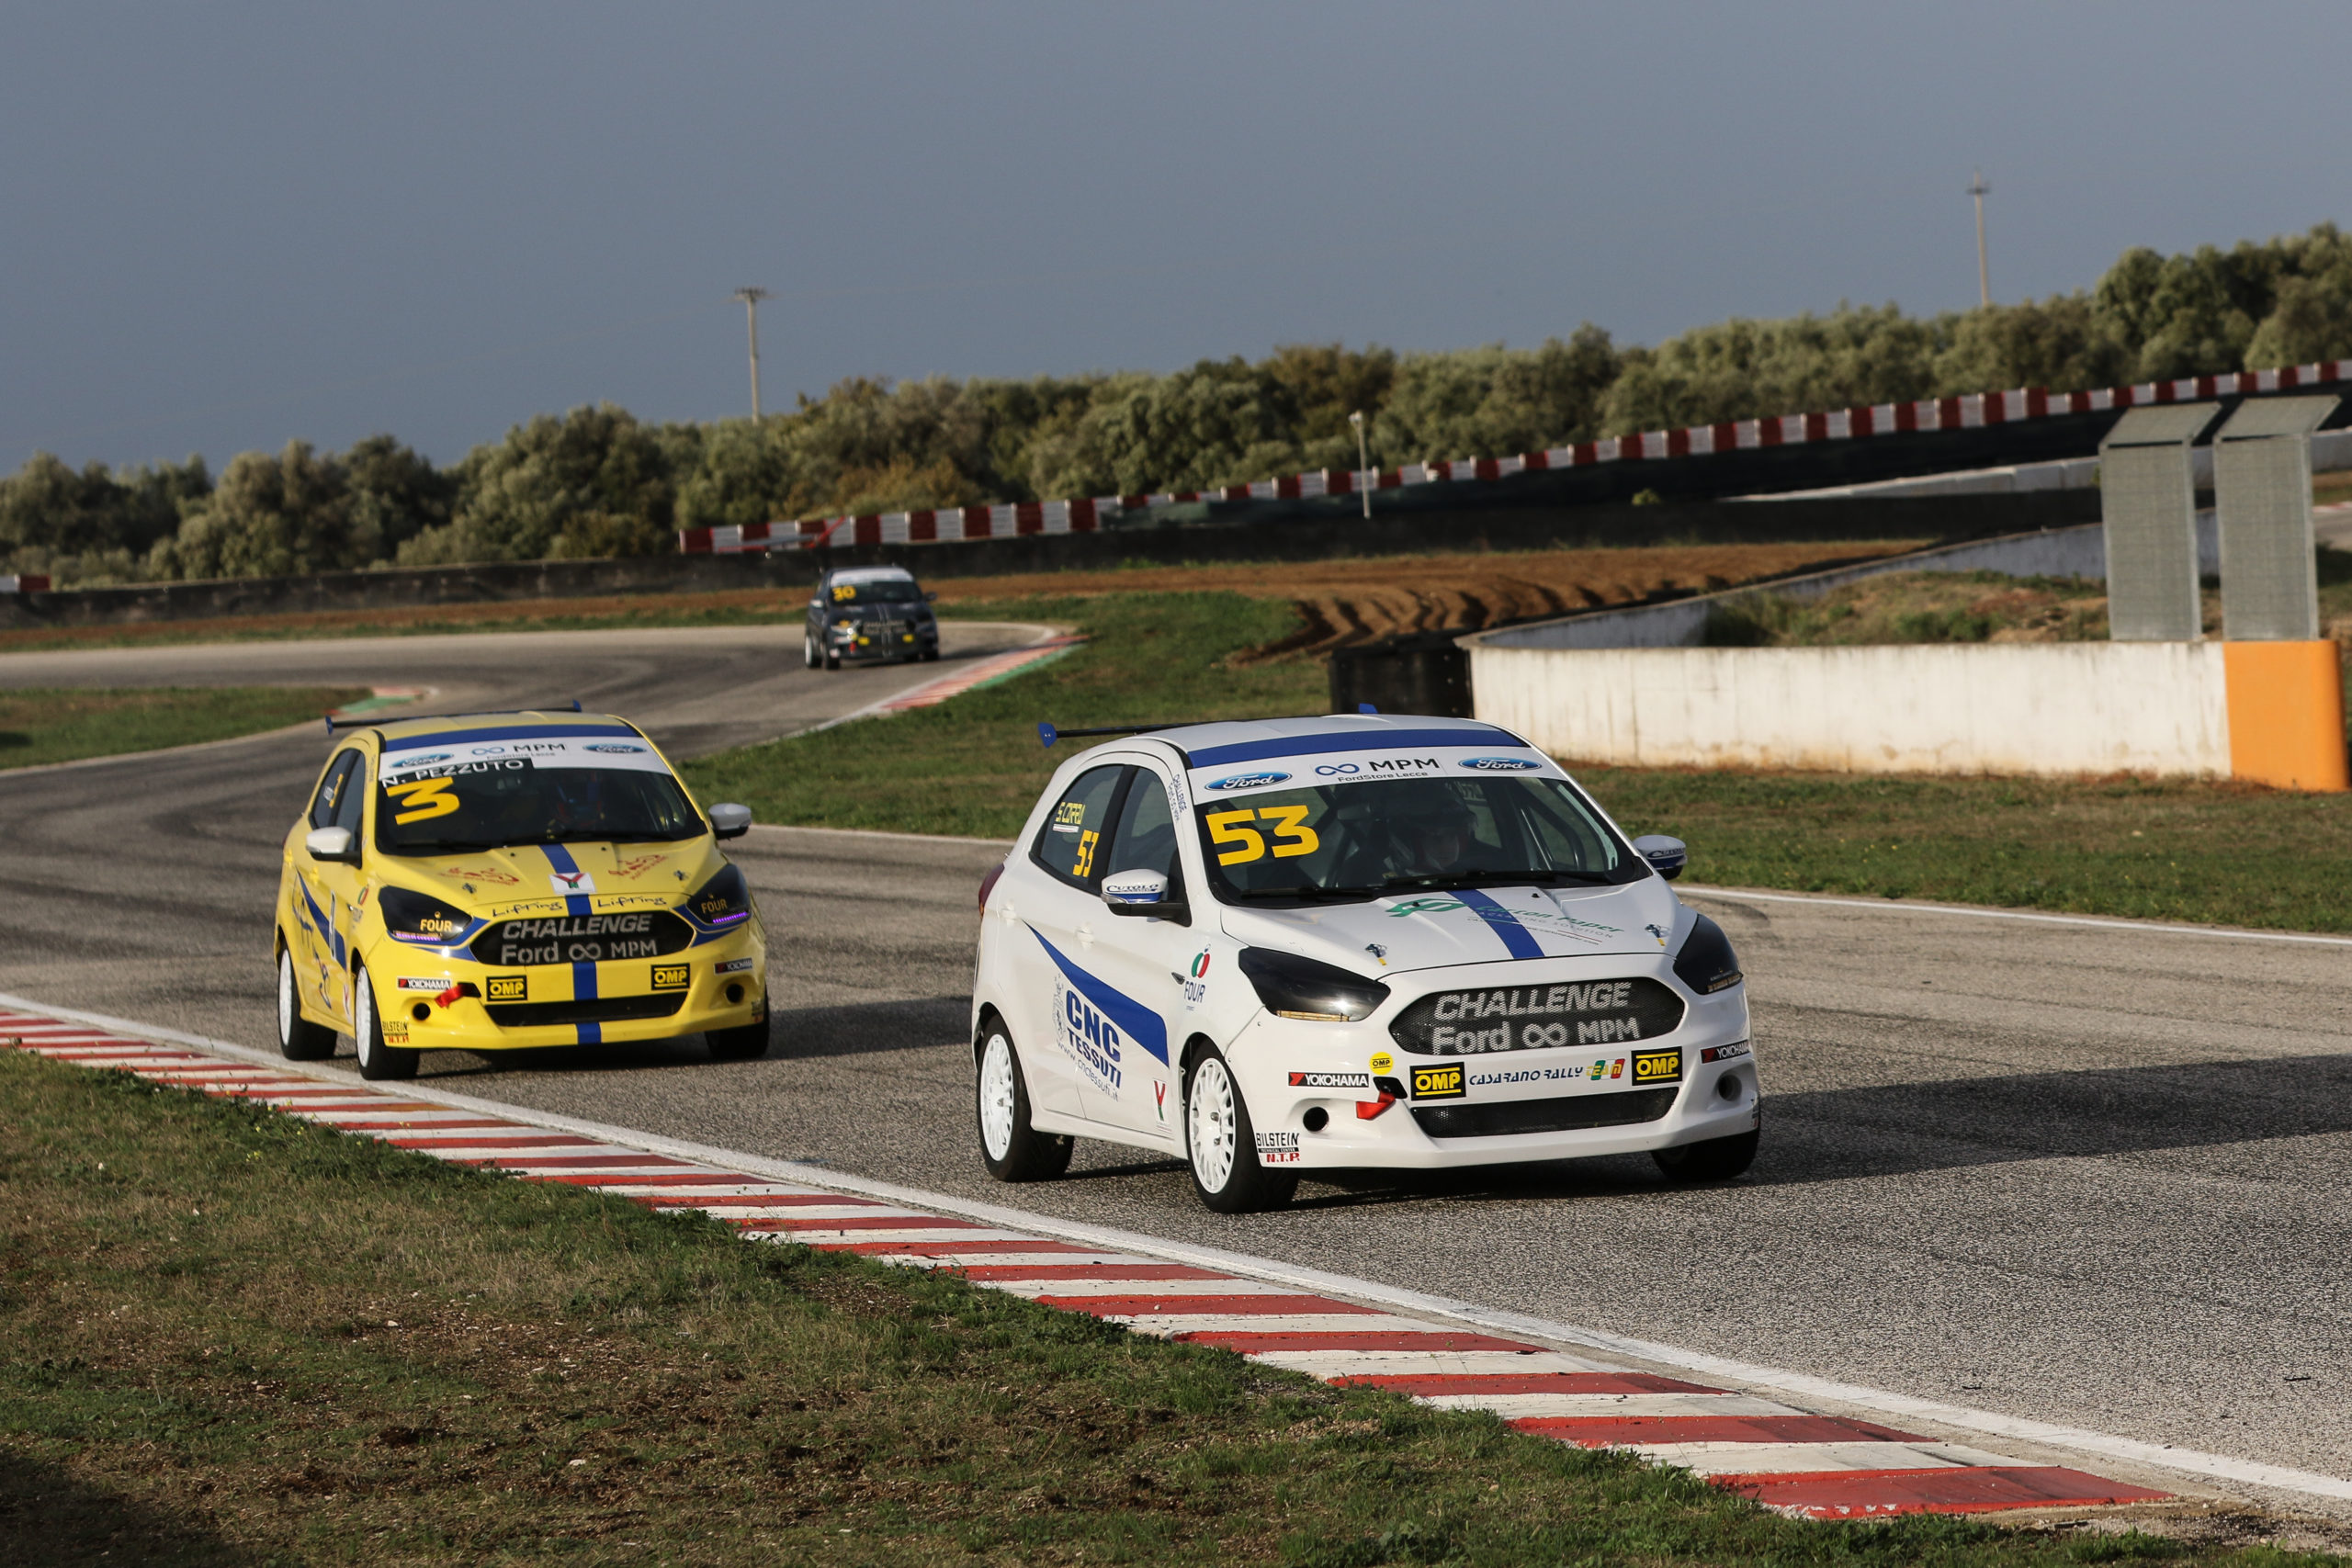 Il Challenge Ford MPM sbarca al Trofeo del Levante